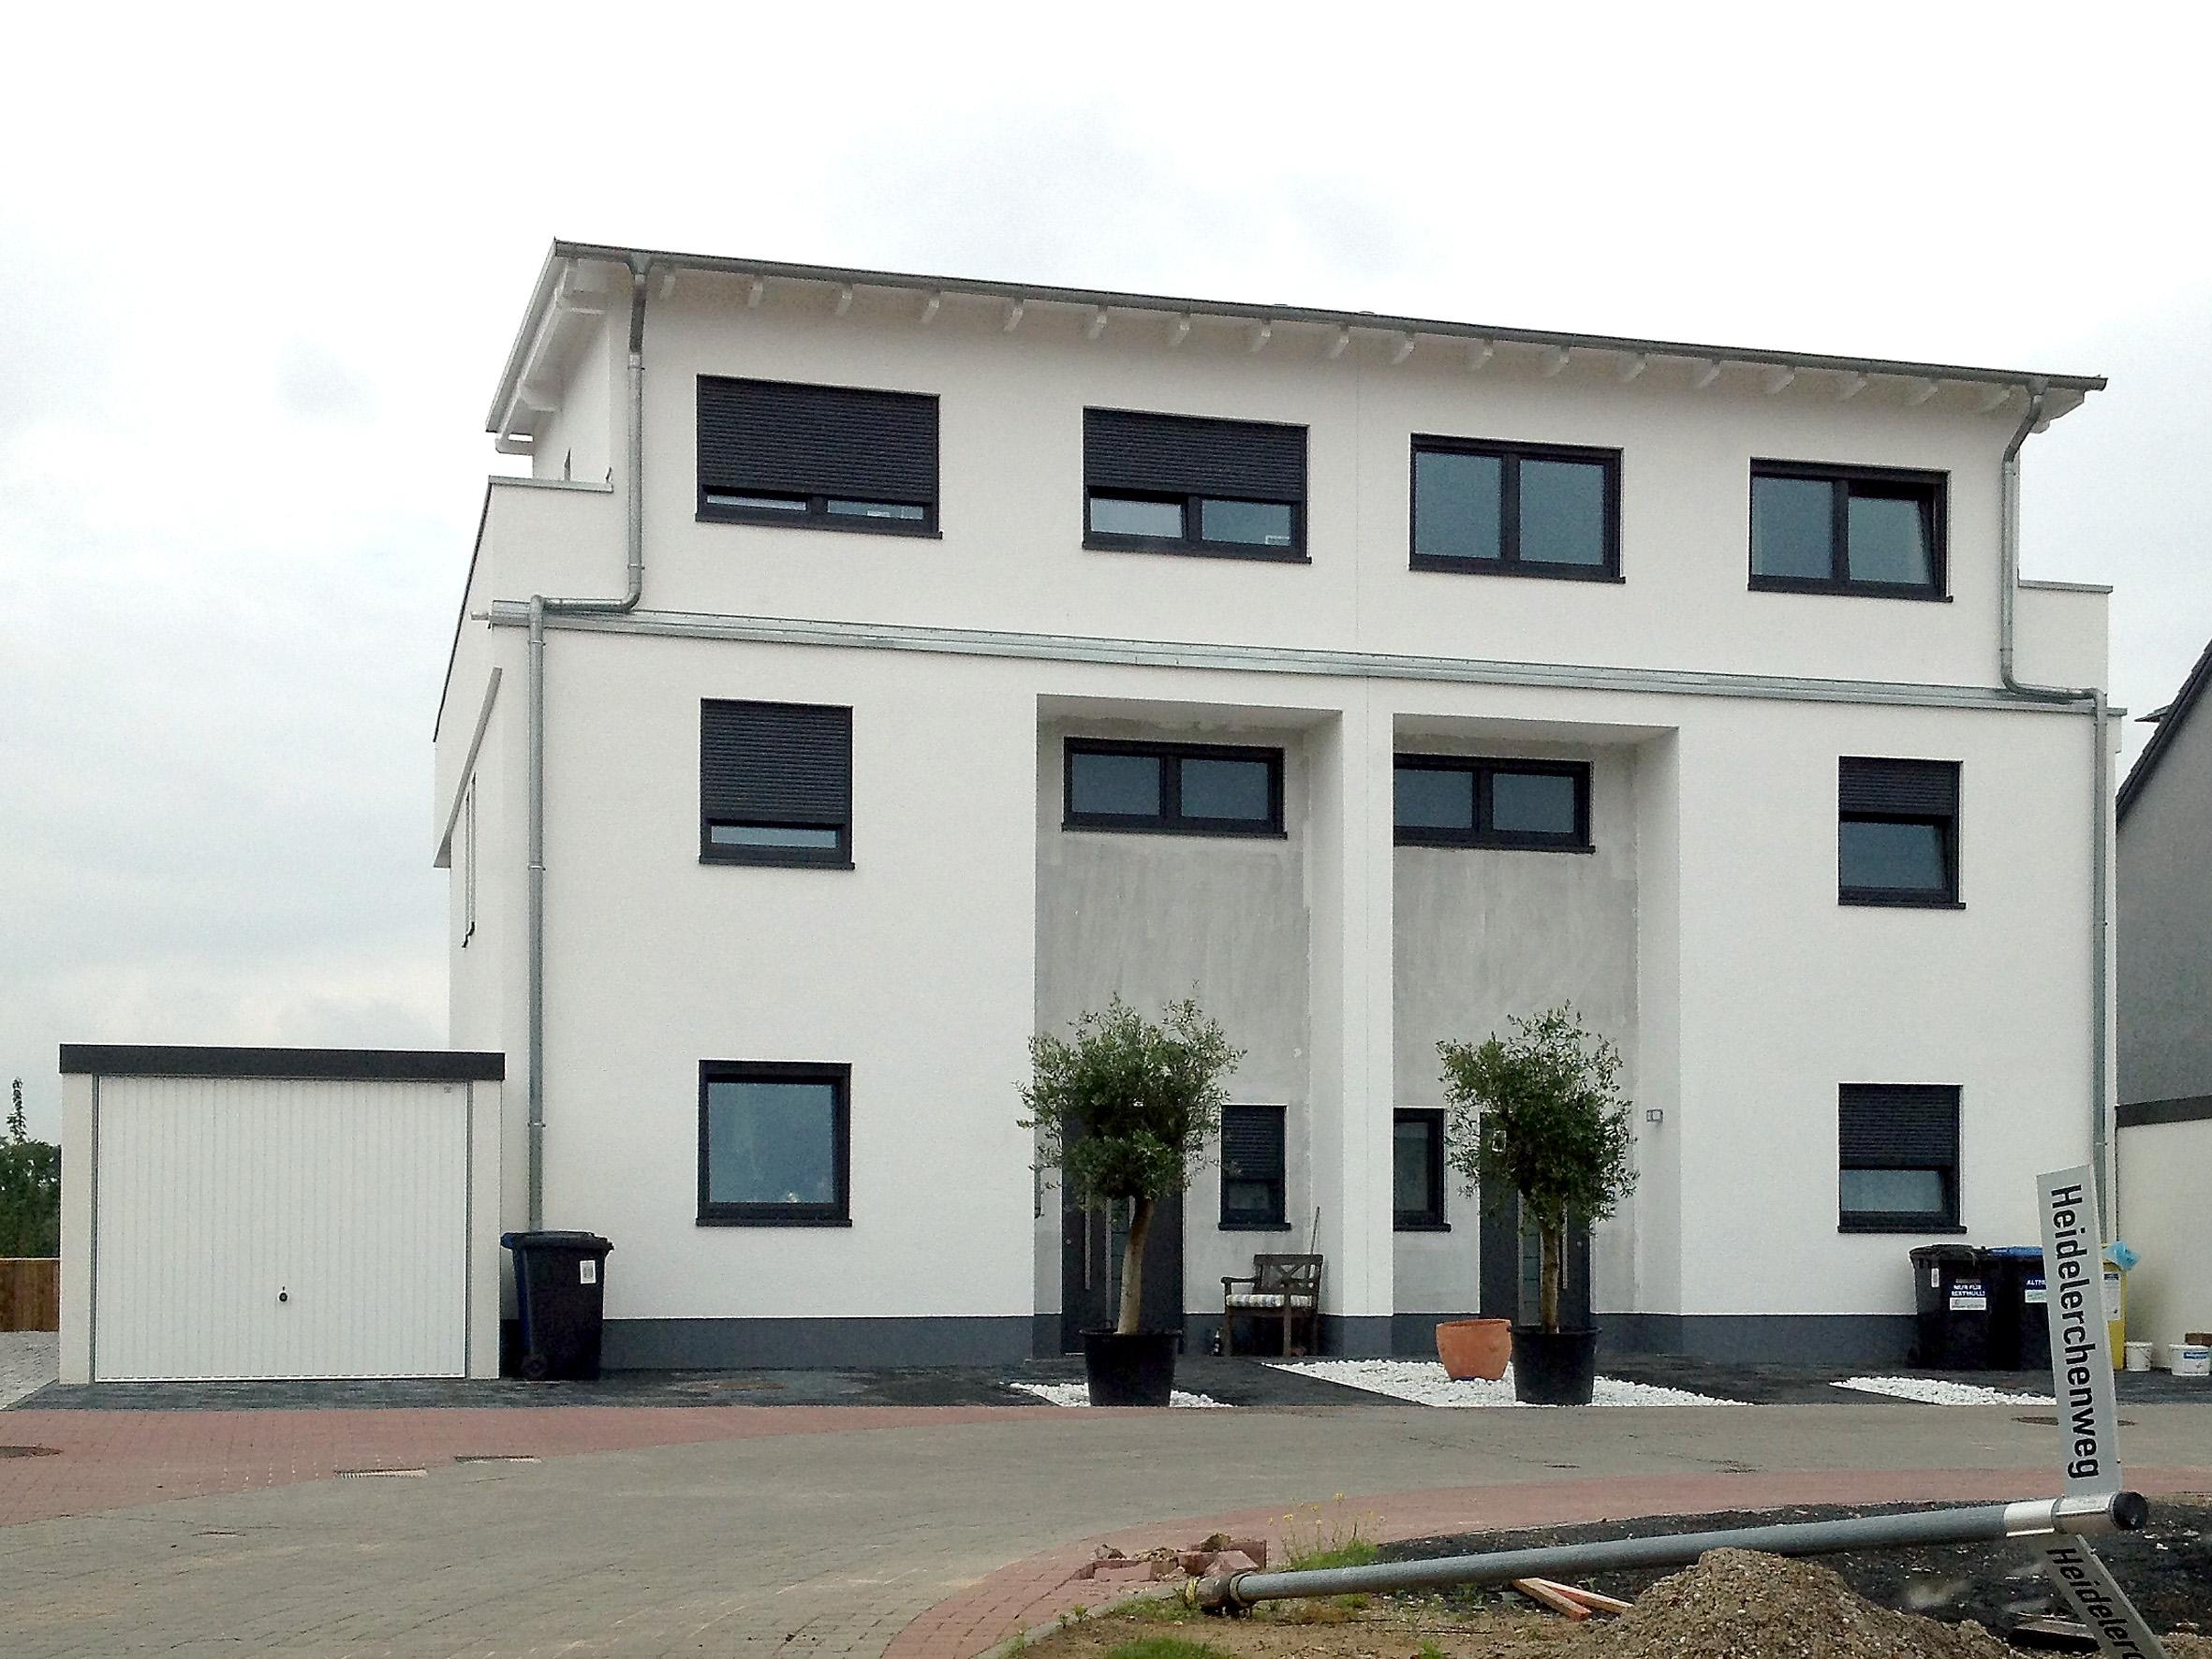 Gro z giges doppelhaus im argonnerpark for Doppelhaus moderne architektur